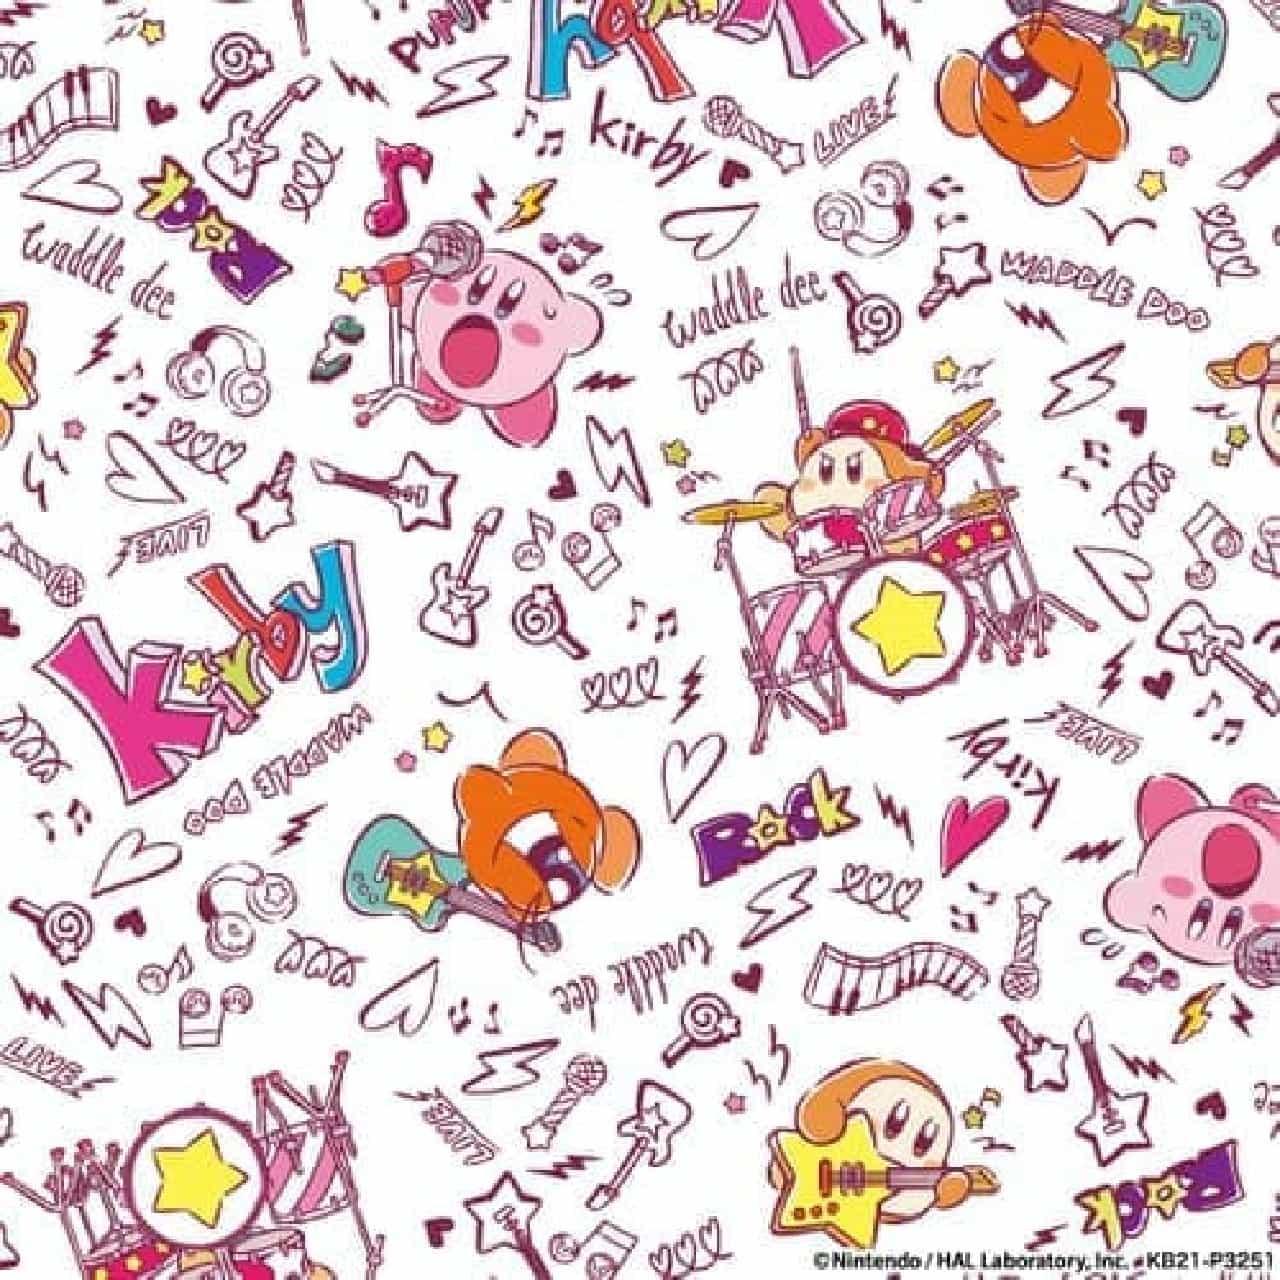 星のカービィ×ITS'DEMOコラボ第5弾 -- ゴースト&ロックのポップなオリジナルアート